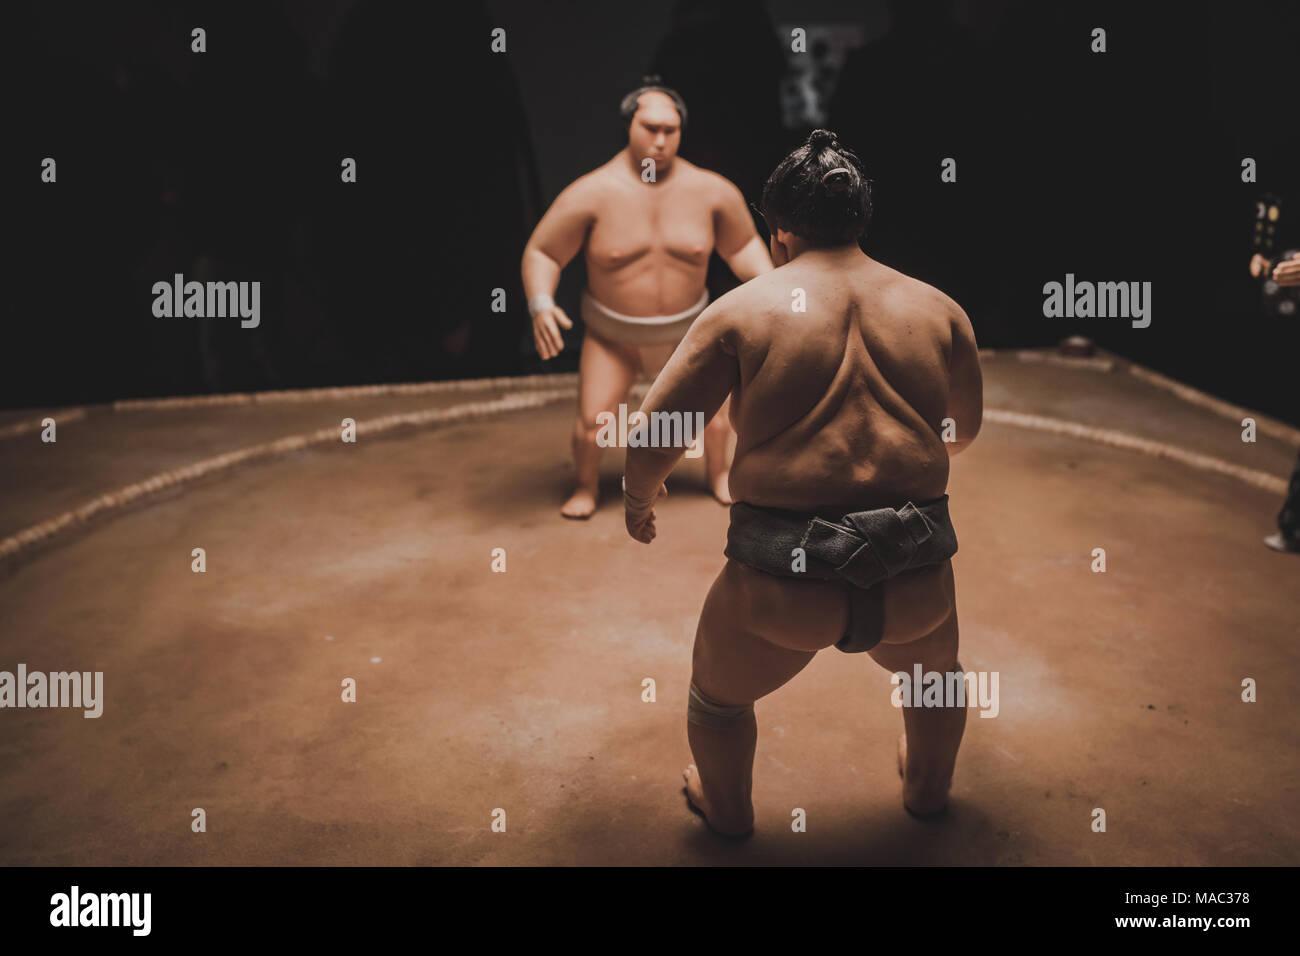 Lottatori di Sumo preparando a combattere, sul display a Londra presso l'Isle of Dogs exhibition, diretto da Wes Anderson - Marzo 2018 Immagini Stock